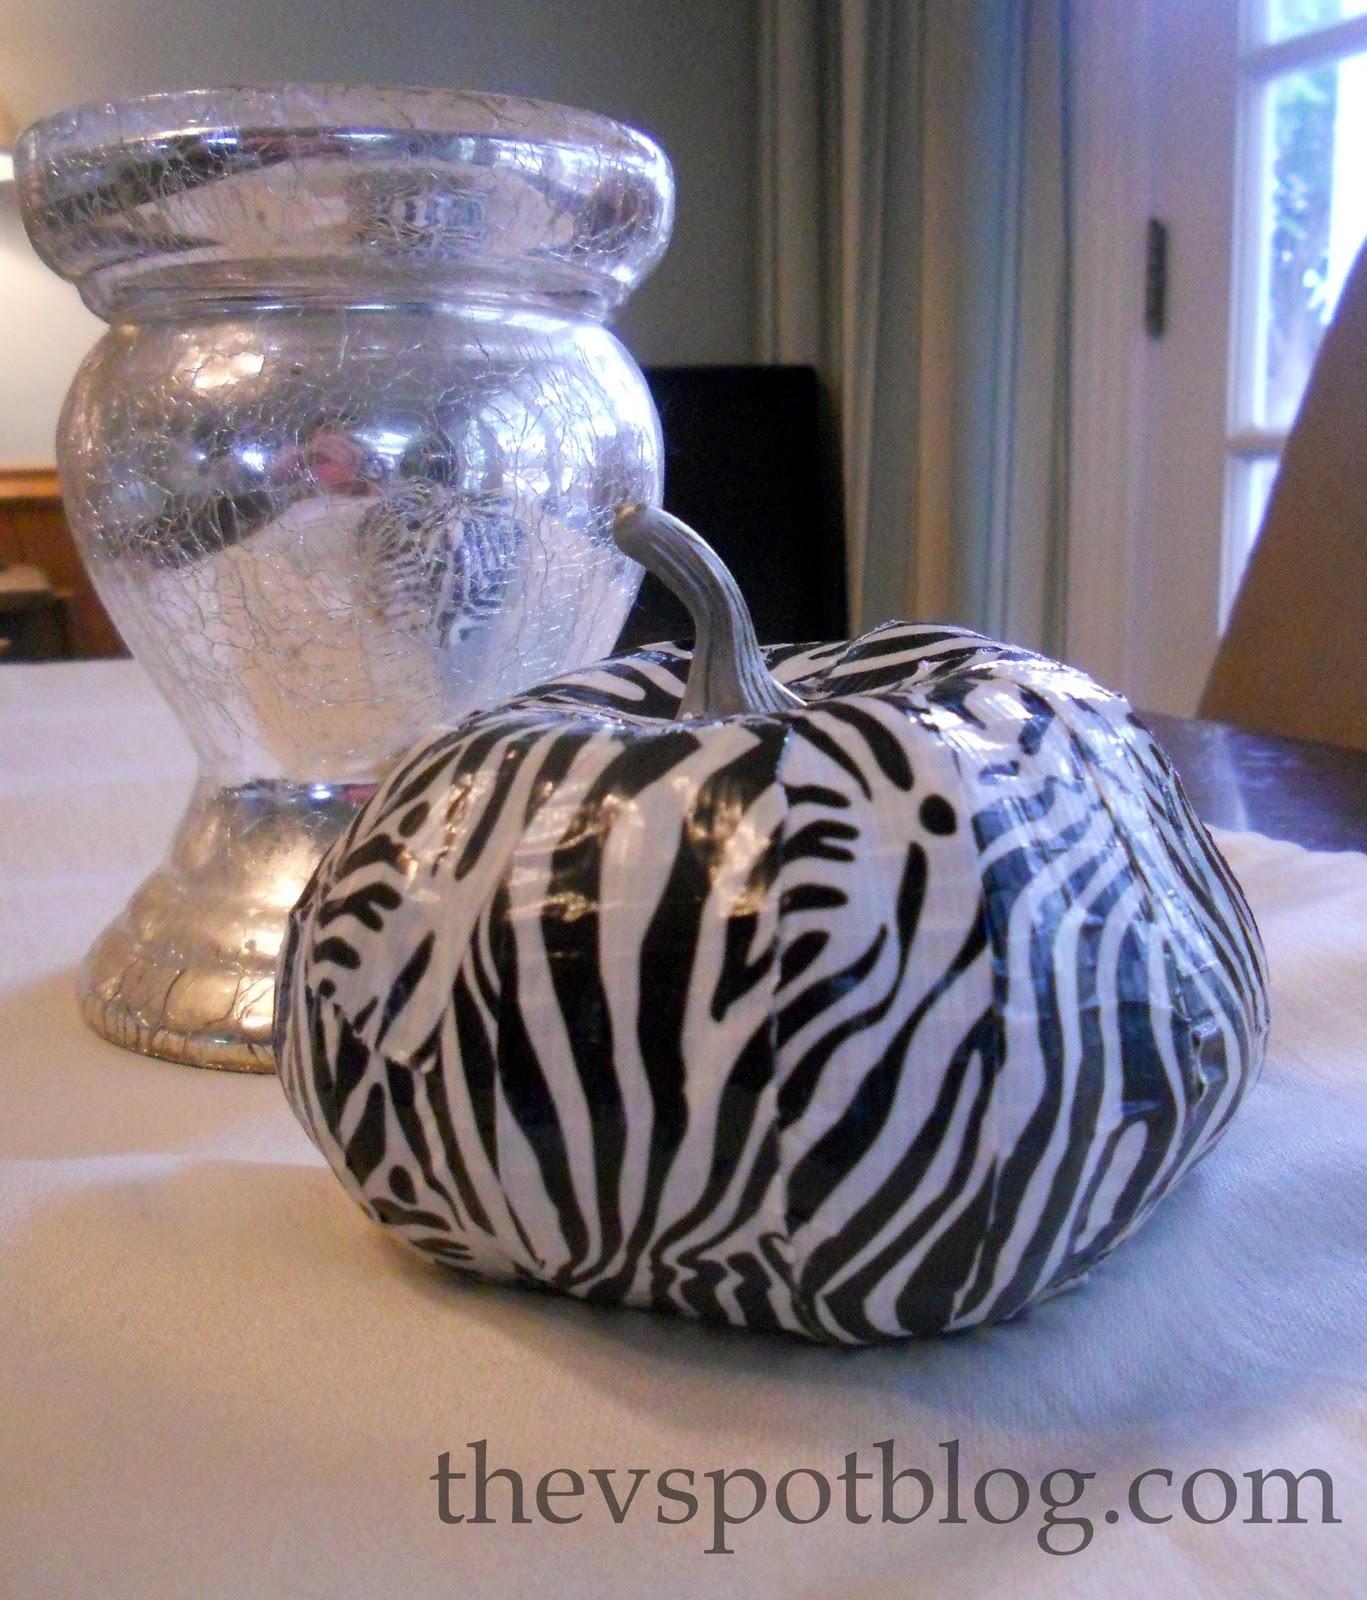 A Zebra Striped Pumpkin More Fun Pumpkin Crafts The